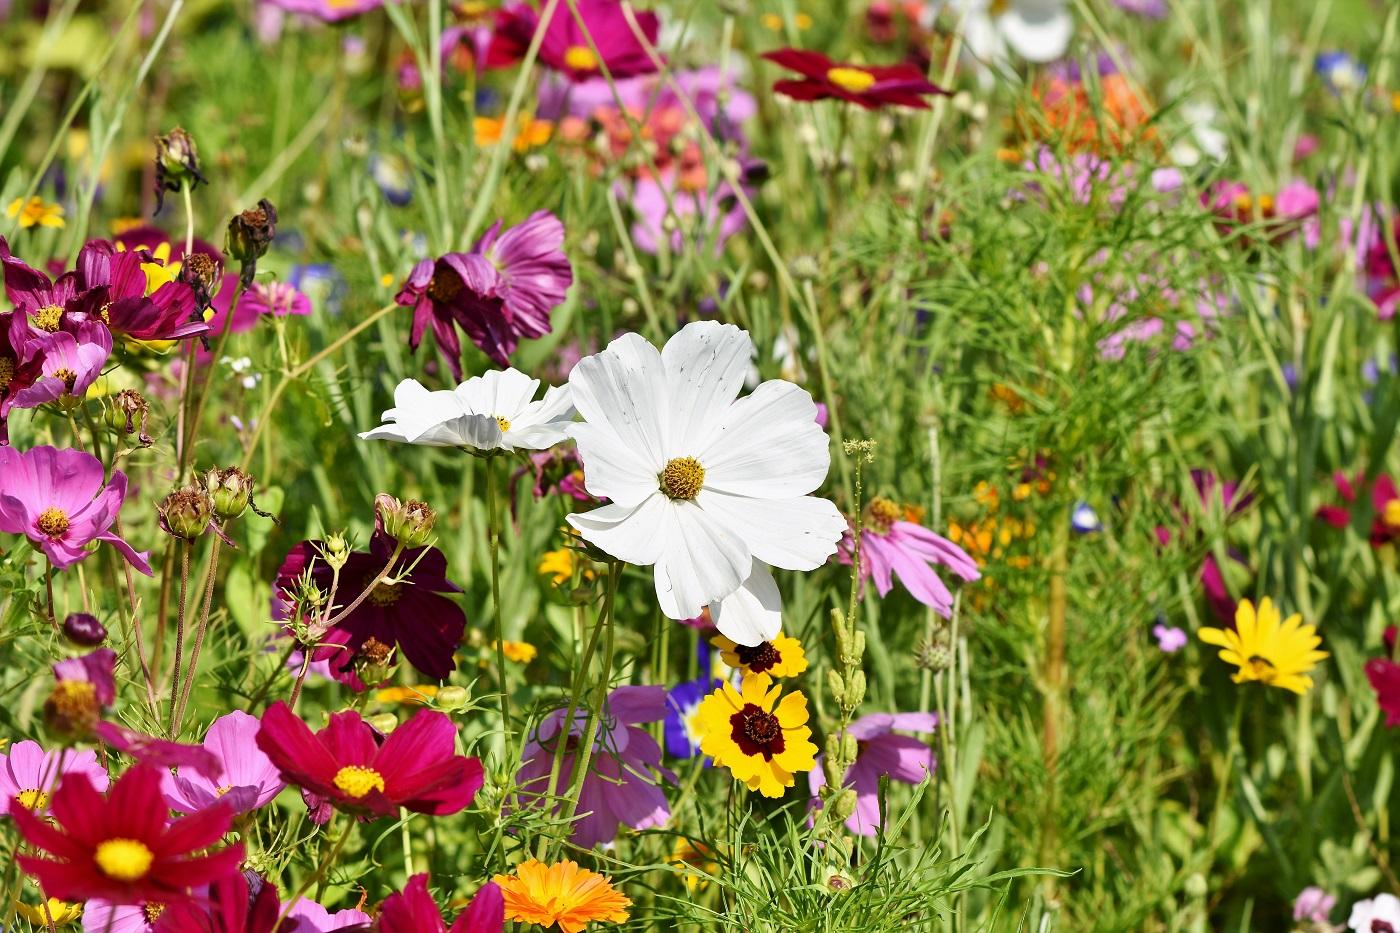 flower-meadow-3598562 @Pixabay